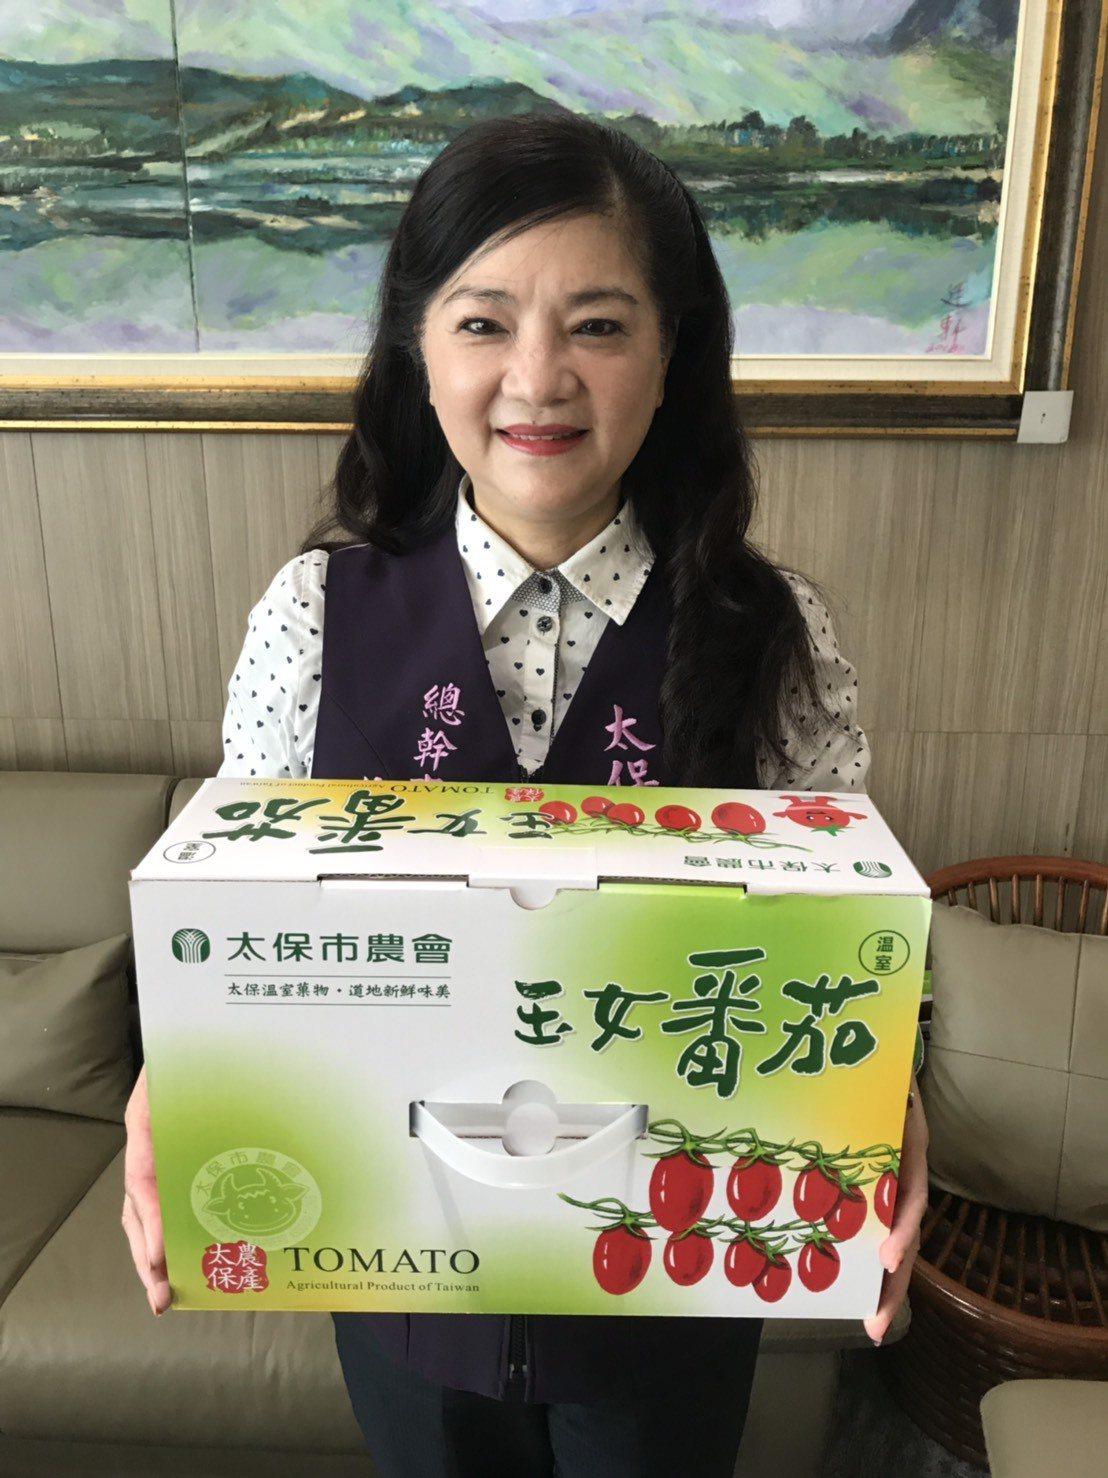 太保市農會總幹事黃麗貞成功將玉女小蕃茄行銷國際,讓世界看見太保。記者黃晴雯/攝影